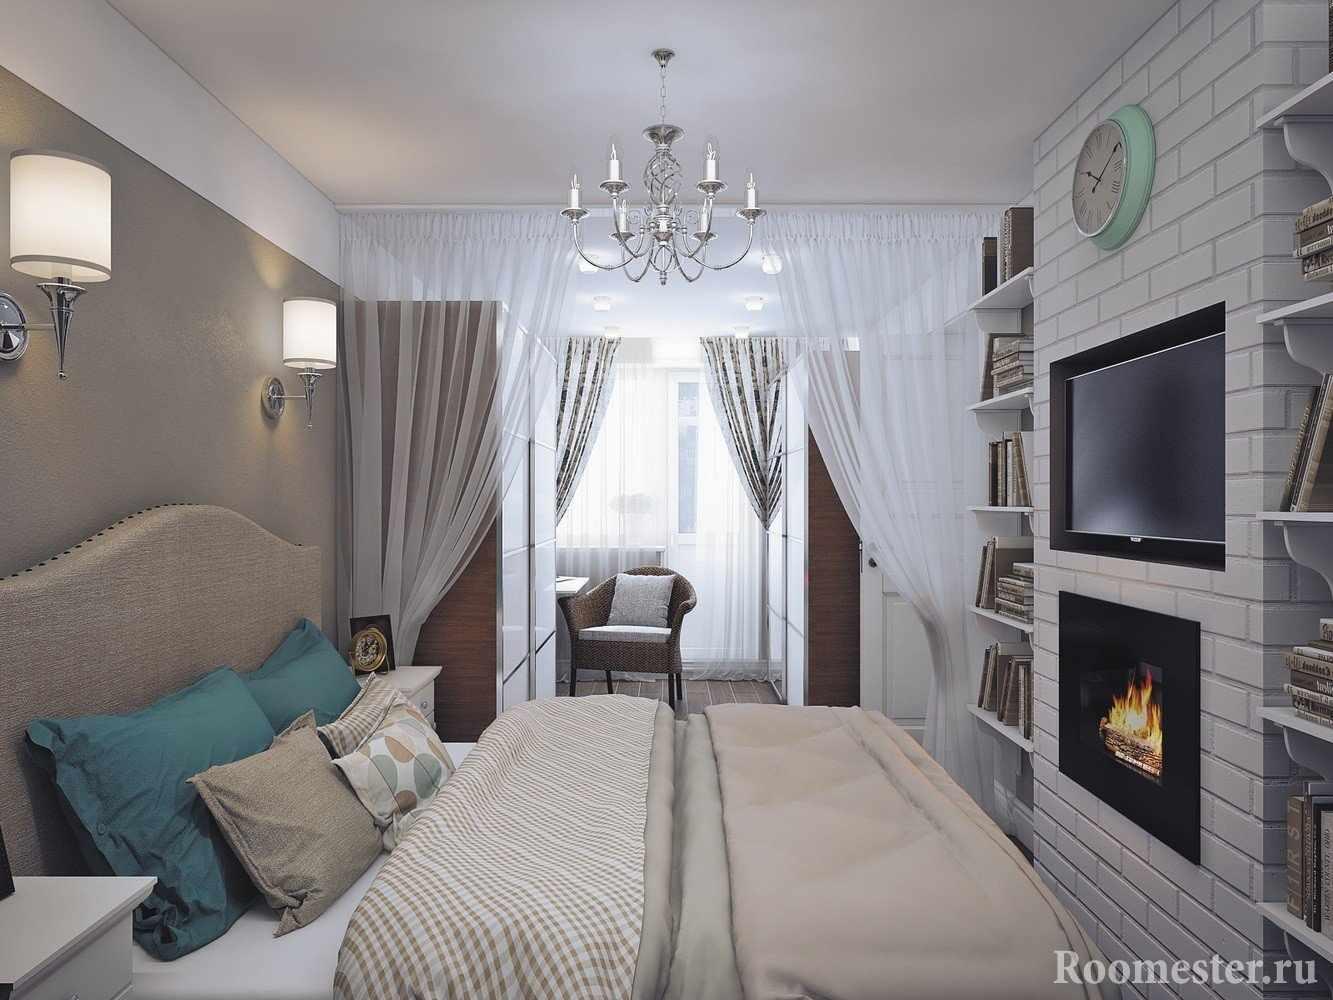 Небольшая спальня с присоединенной лоджией